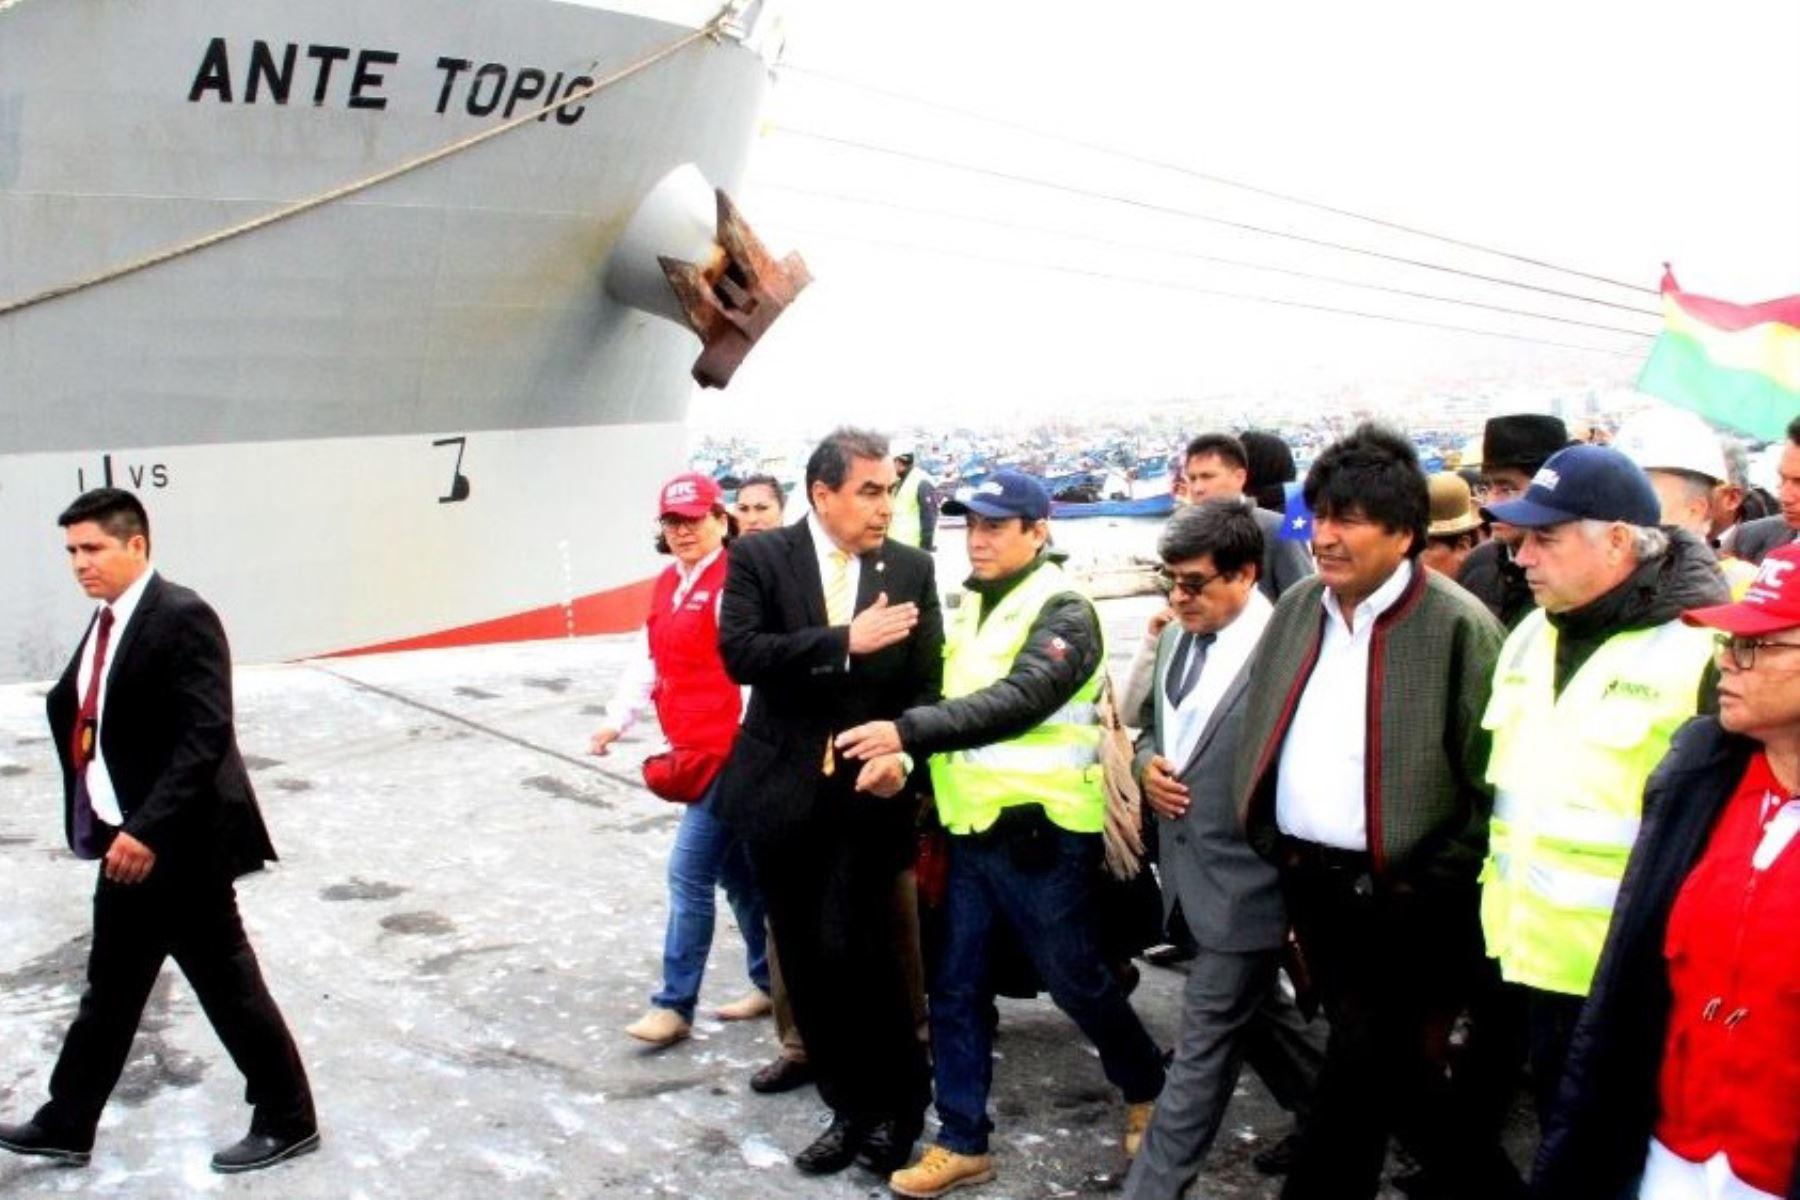 El presidente de Bolivia, Evo Morales, visitó hoy la ciudad y el puerto de Ilo, en la región Moquegua, donde destacó la importancia de dicho terminal marítimo del sur peruano para el desarrollo comercial y económico boliviano. Foto: Facebook/ Municipalidad Provincial de Ilo.